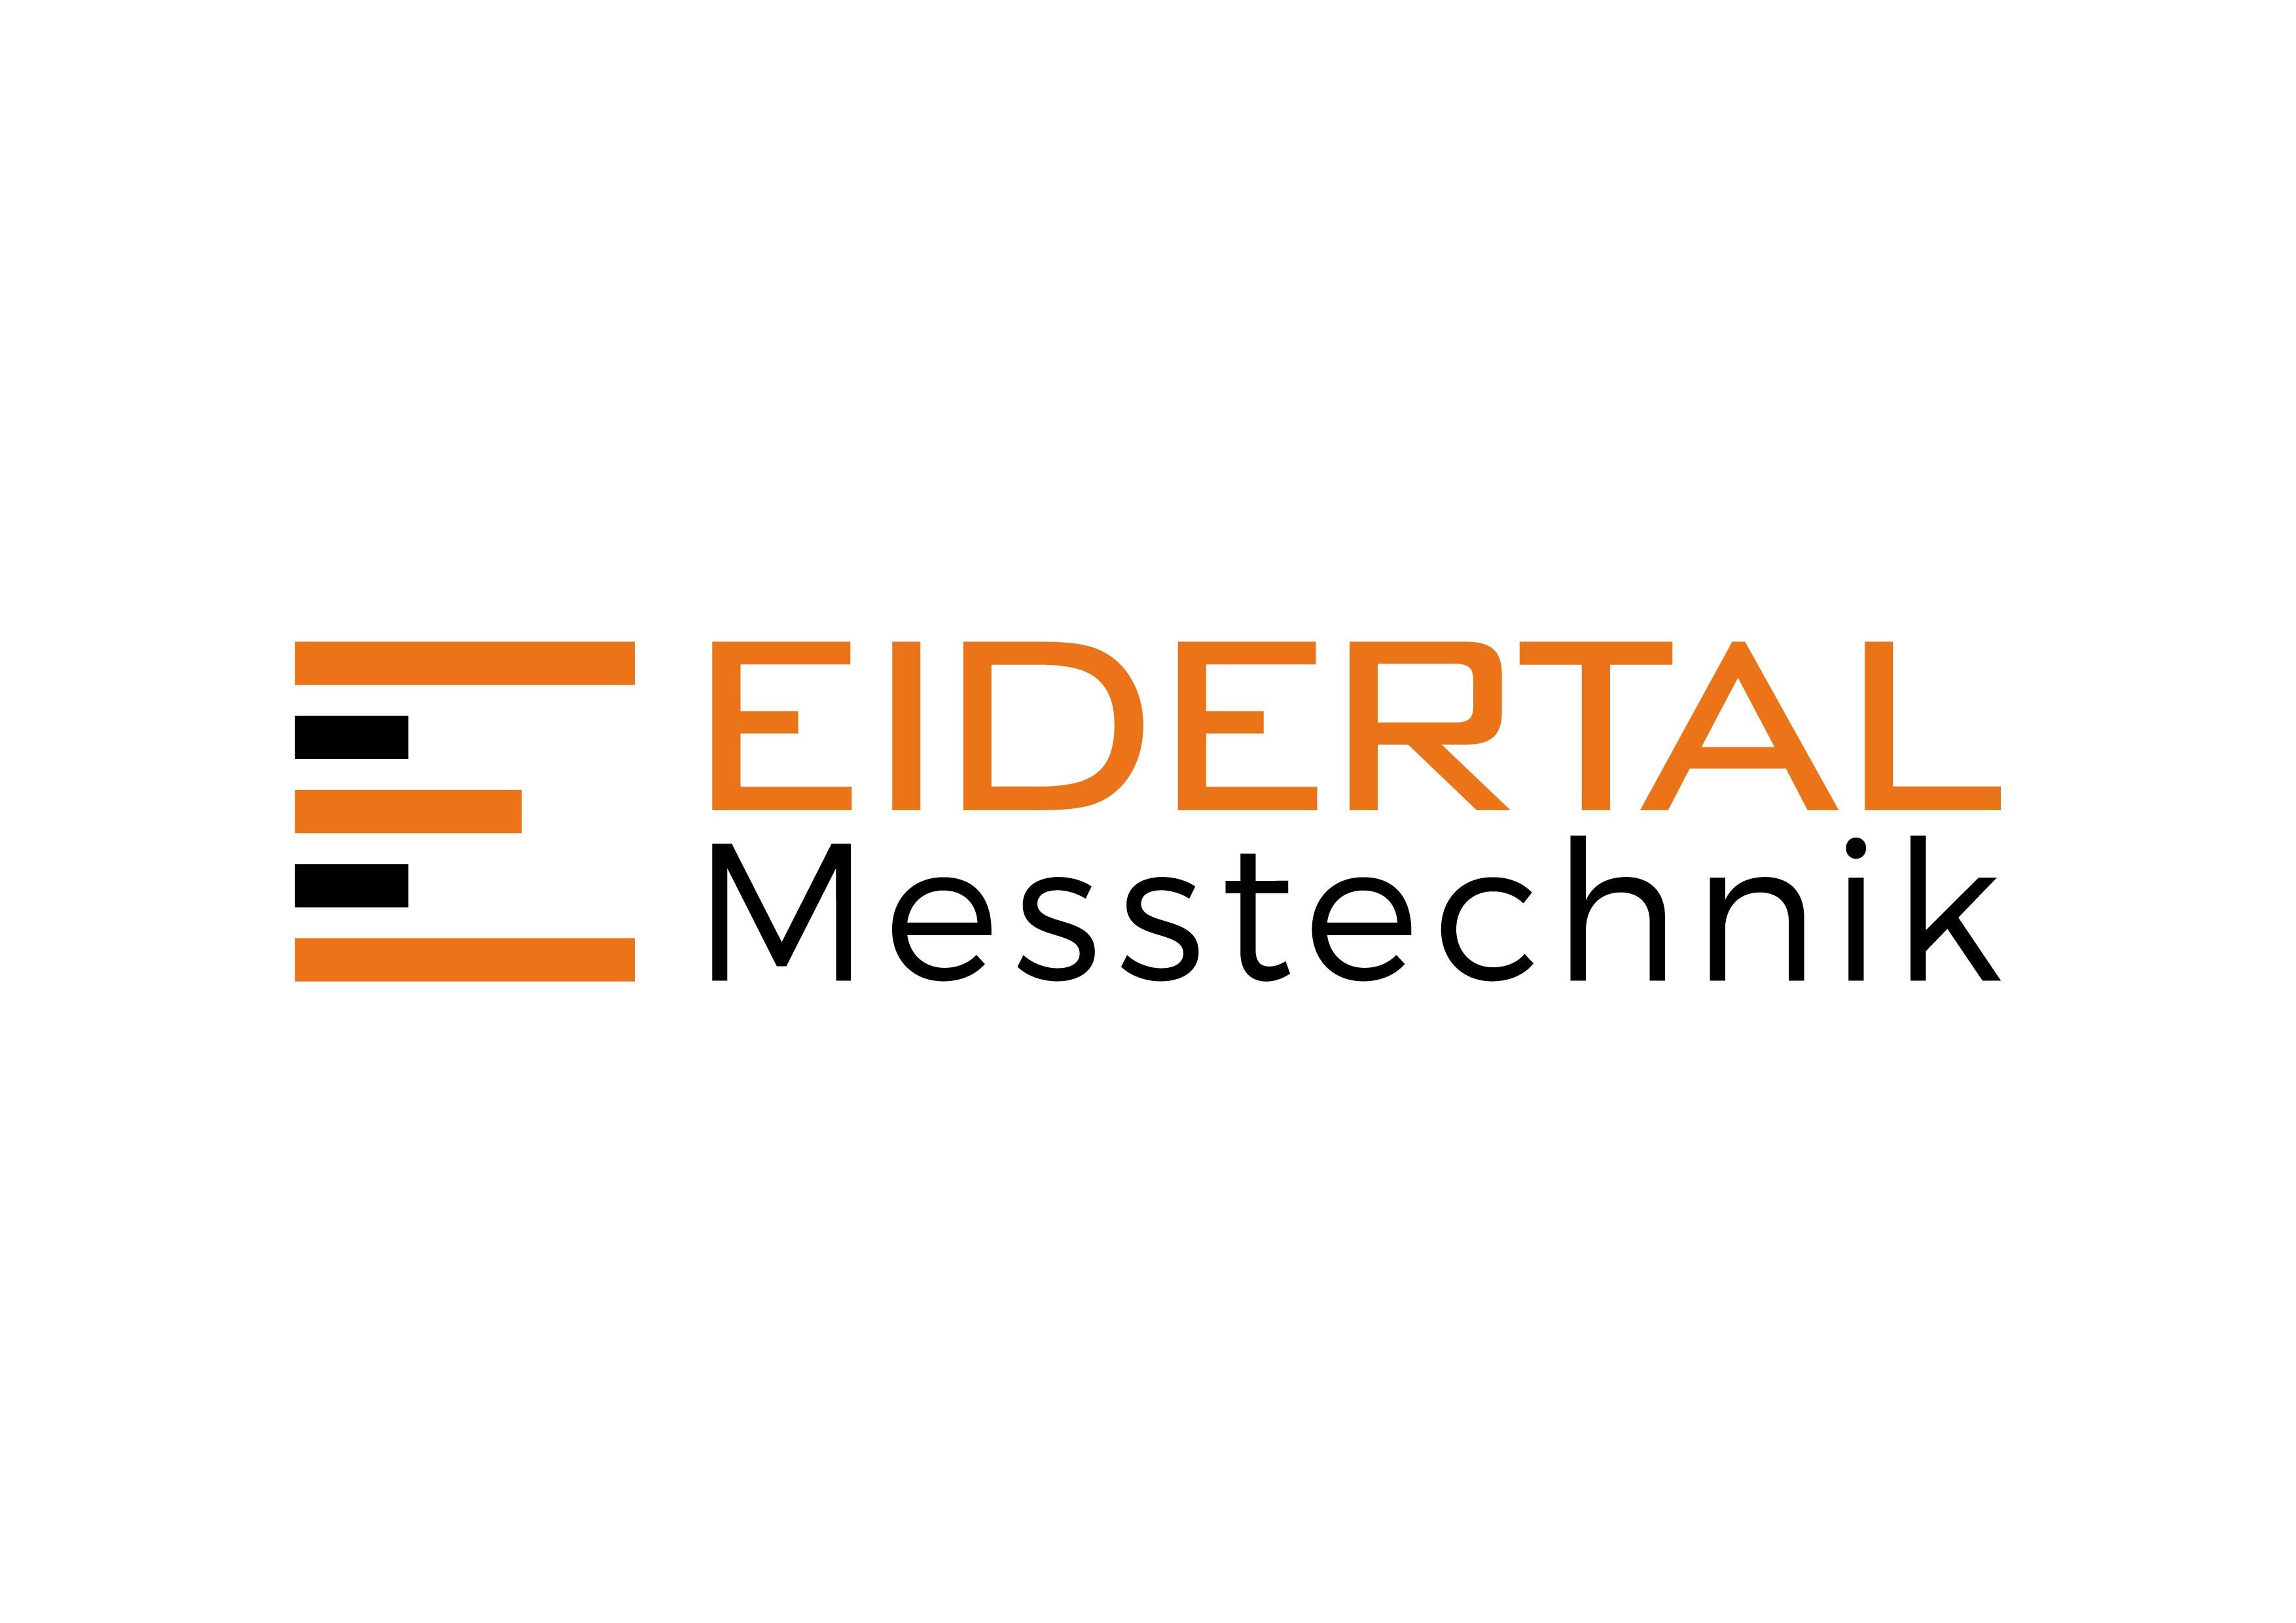 Neues Logo gesucht! Mess- und Vermessungstechnik ist das Thema!